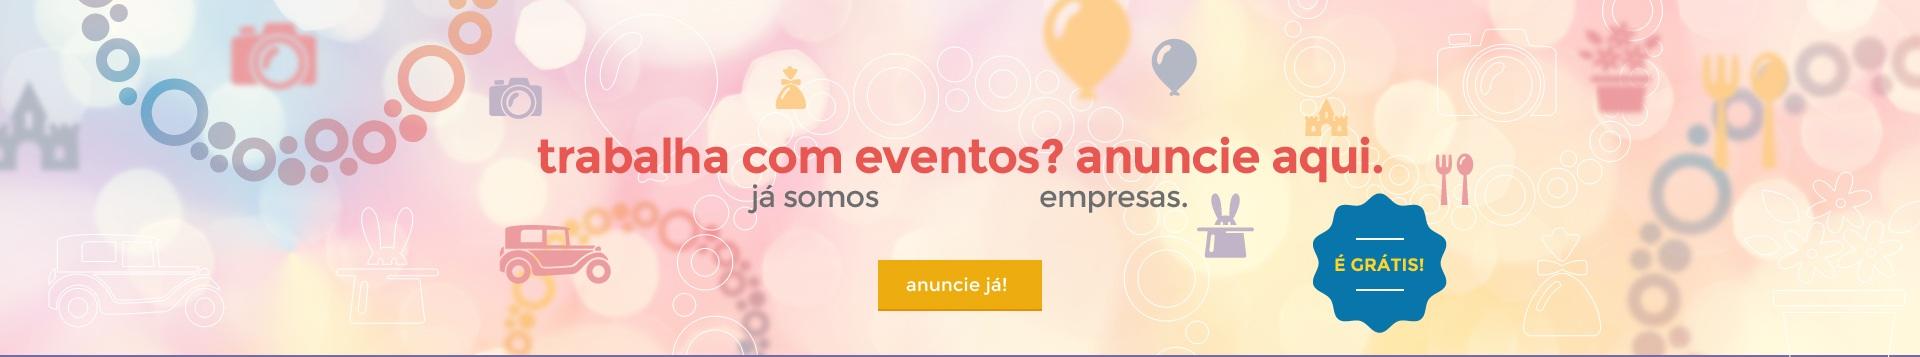 Trabalha com eventos? anuncie aqui.